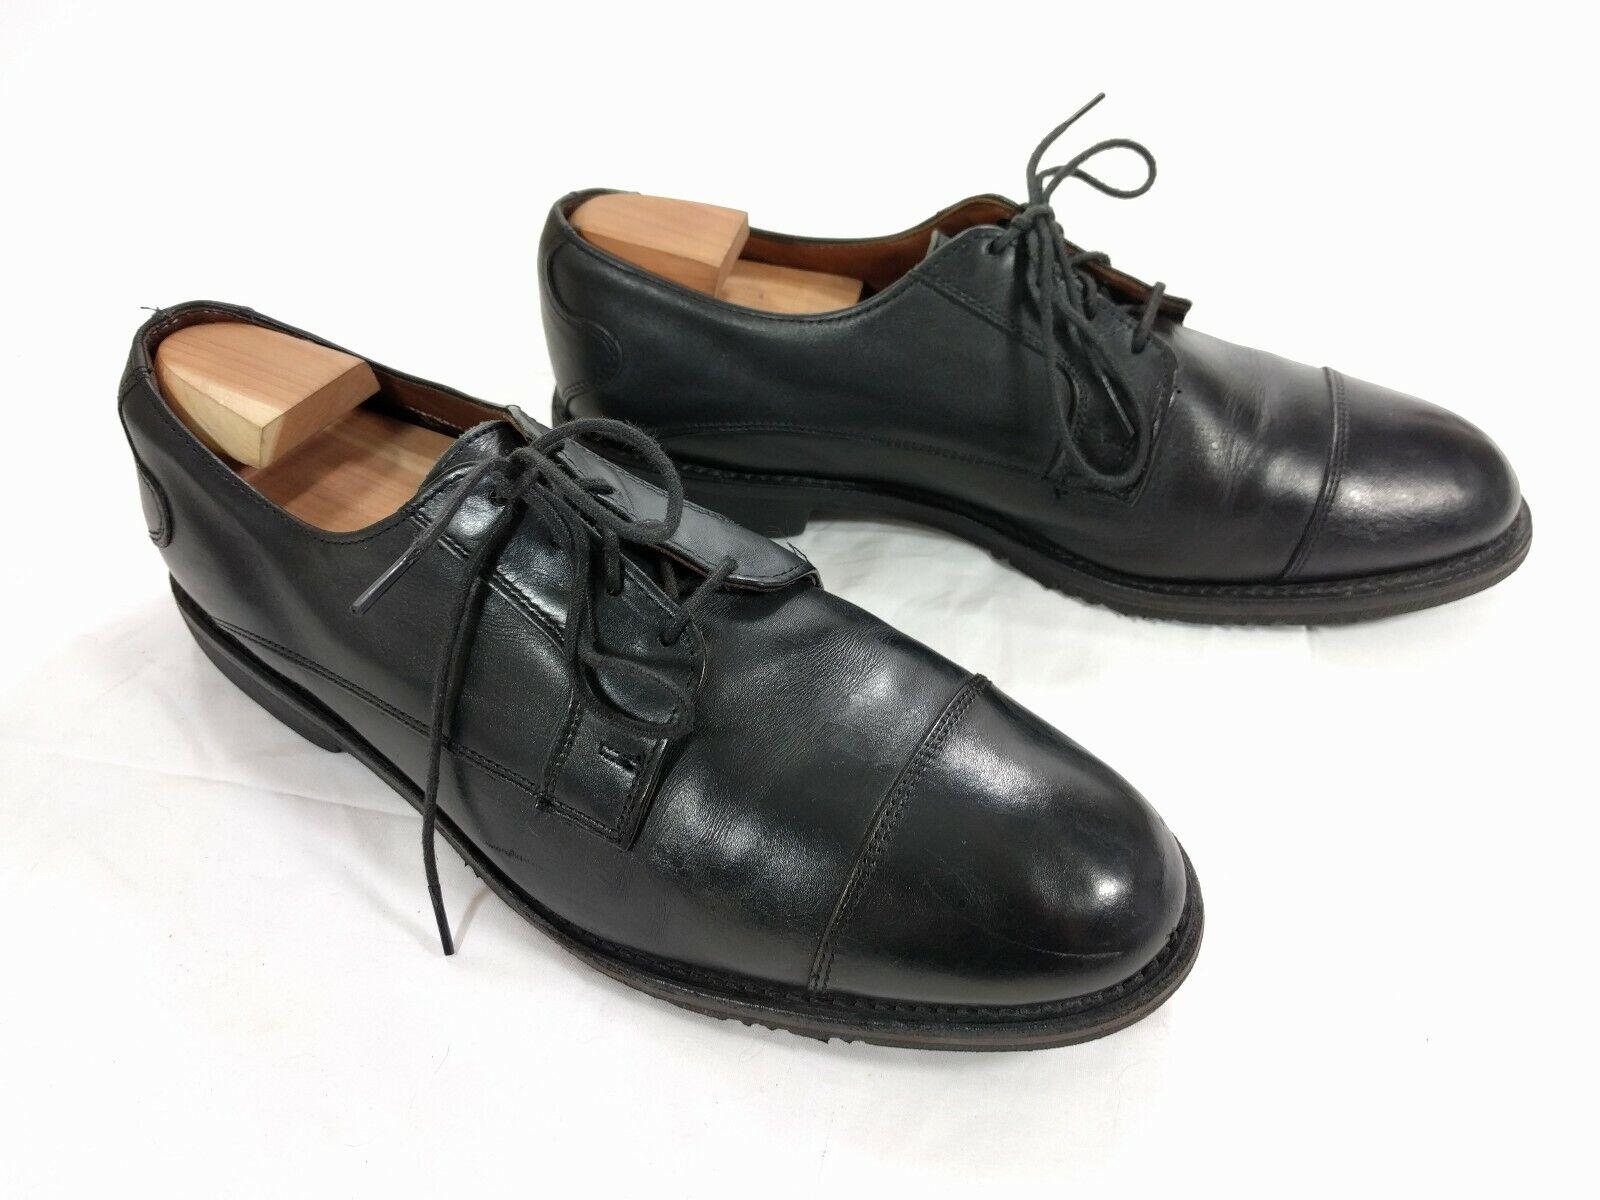 ALLEN EDMONDS Hombre Cuero Negro Memphis Cap-Toe Oxford Zapatos EE. UU. - 10.5 D